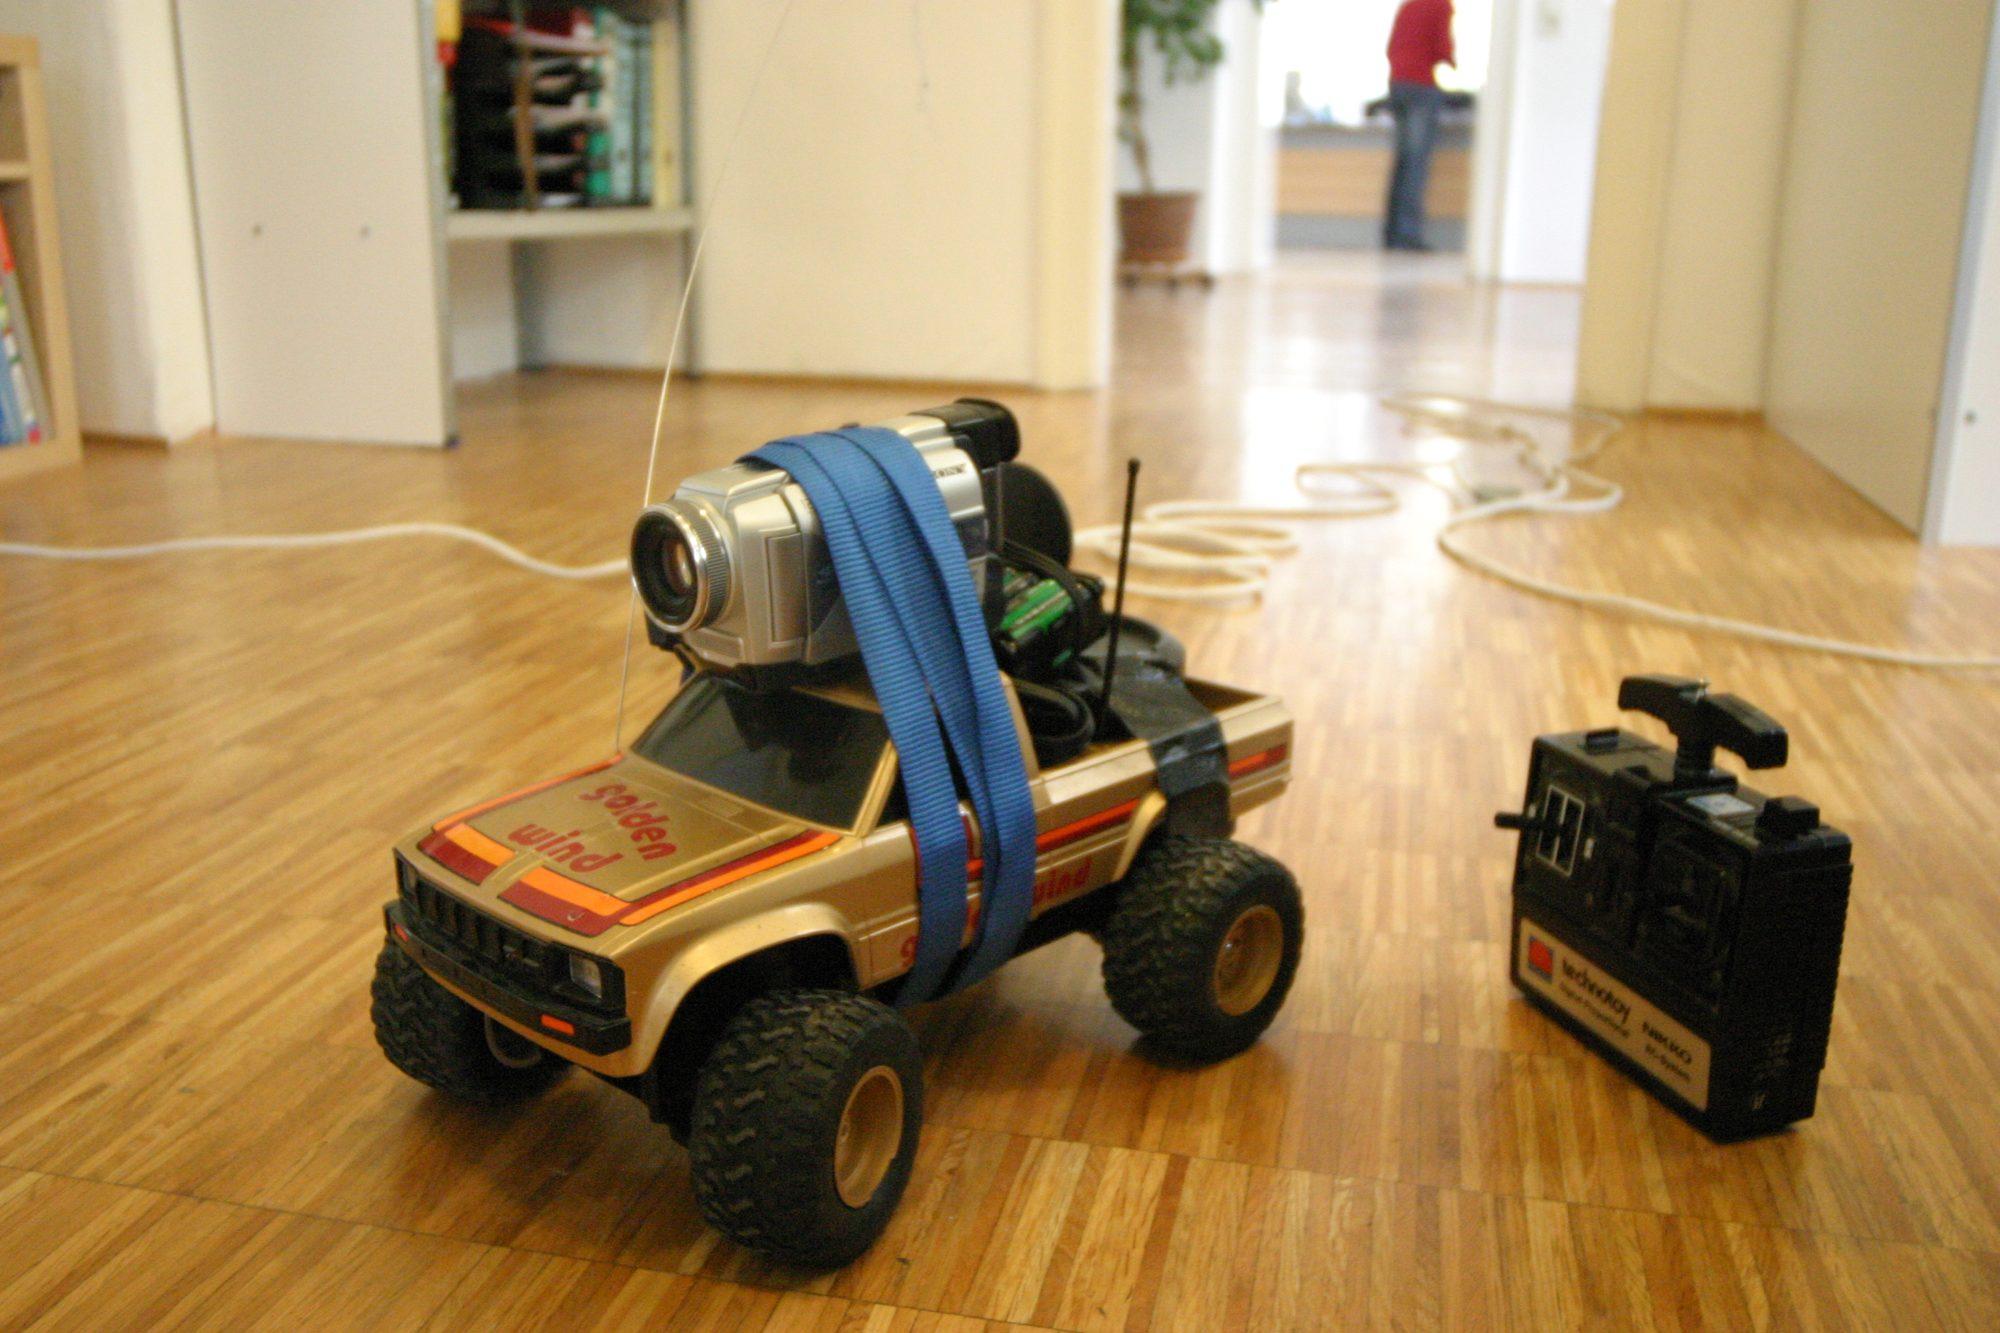 Oktober 2004 - Ein altes funkgesteuertes Auto, eine Mini DV Kamera, Analogfunksender und vielen Mignon-Batterien ist das Spycar entstanden. Reichweite ca. 50m. Heute nennt man es Drohne...